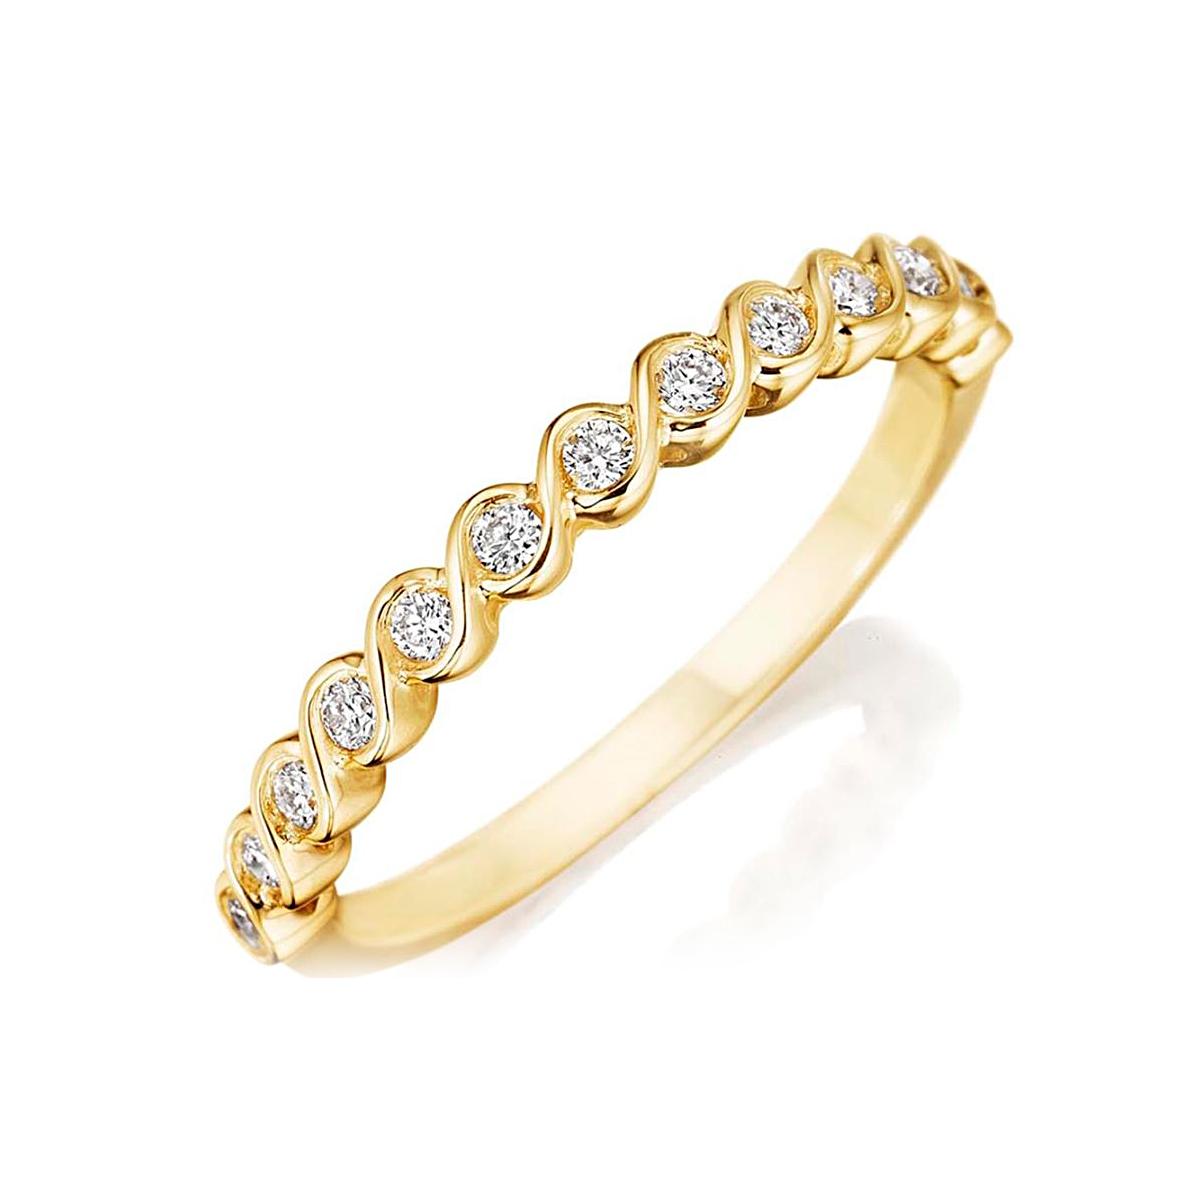 Henri Daussi 14 Karat Yellow Gold Diamond Wedding Band